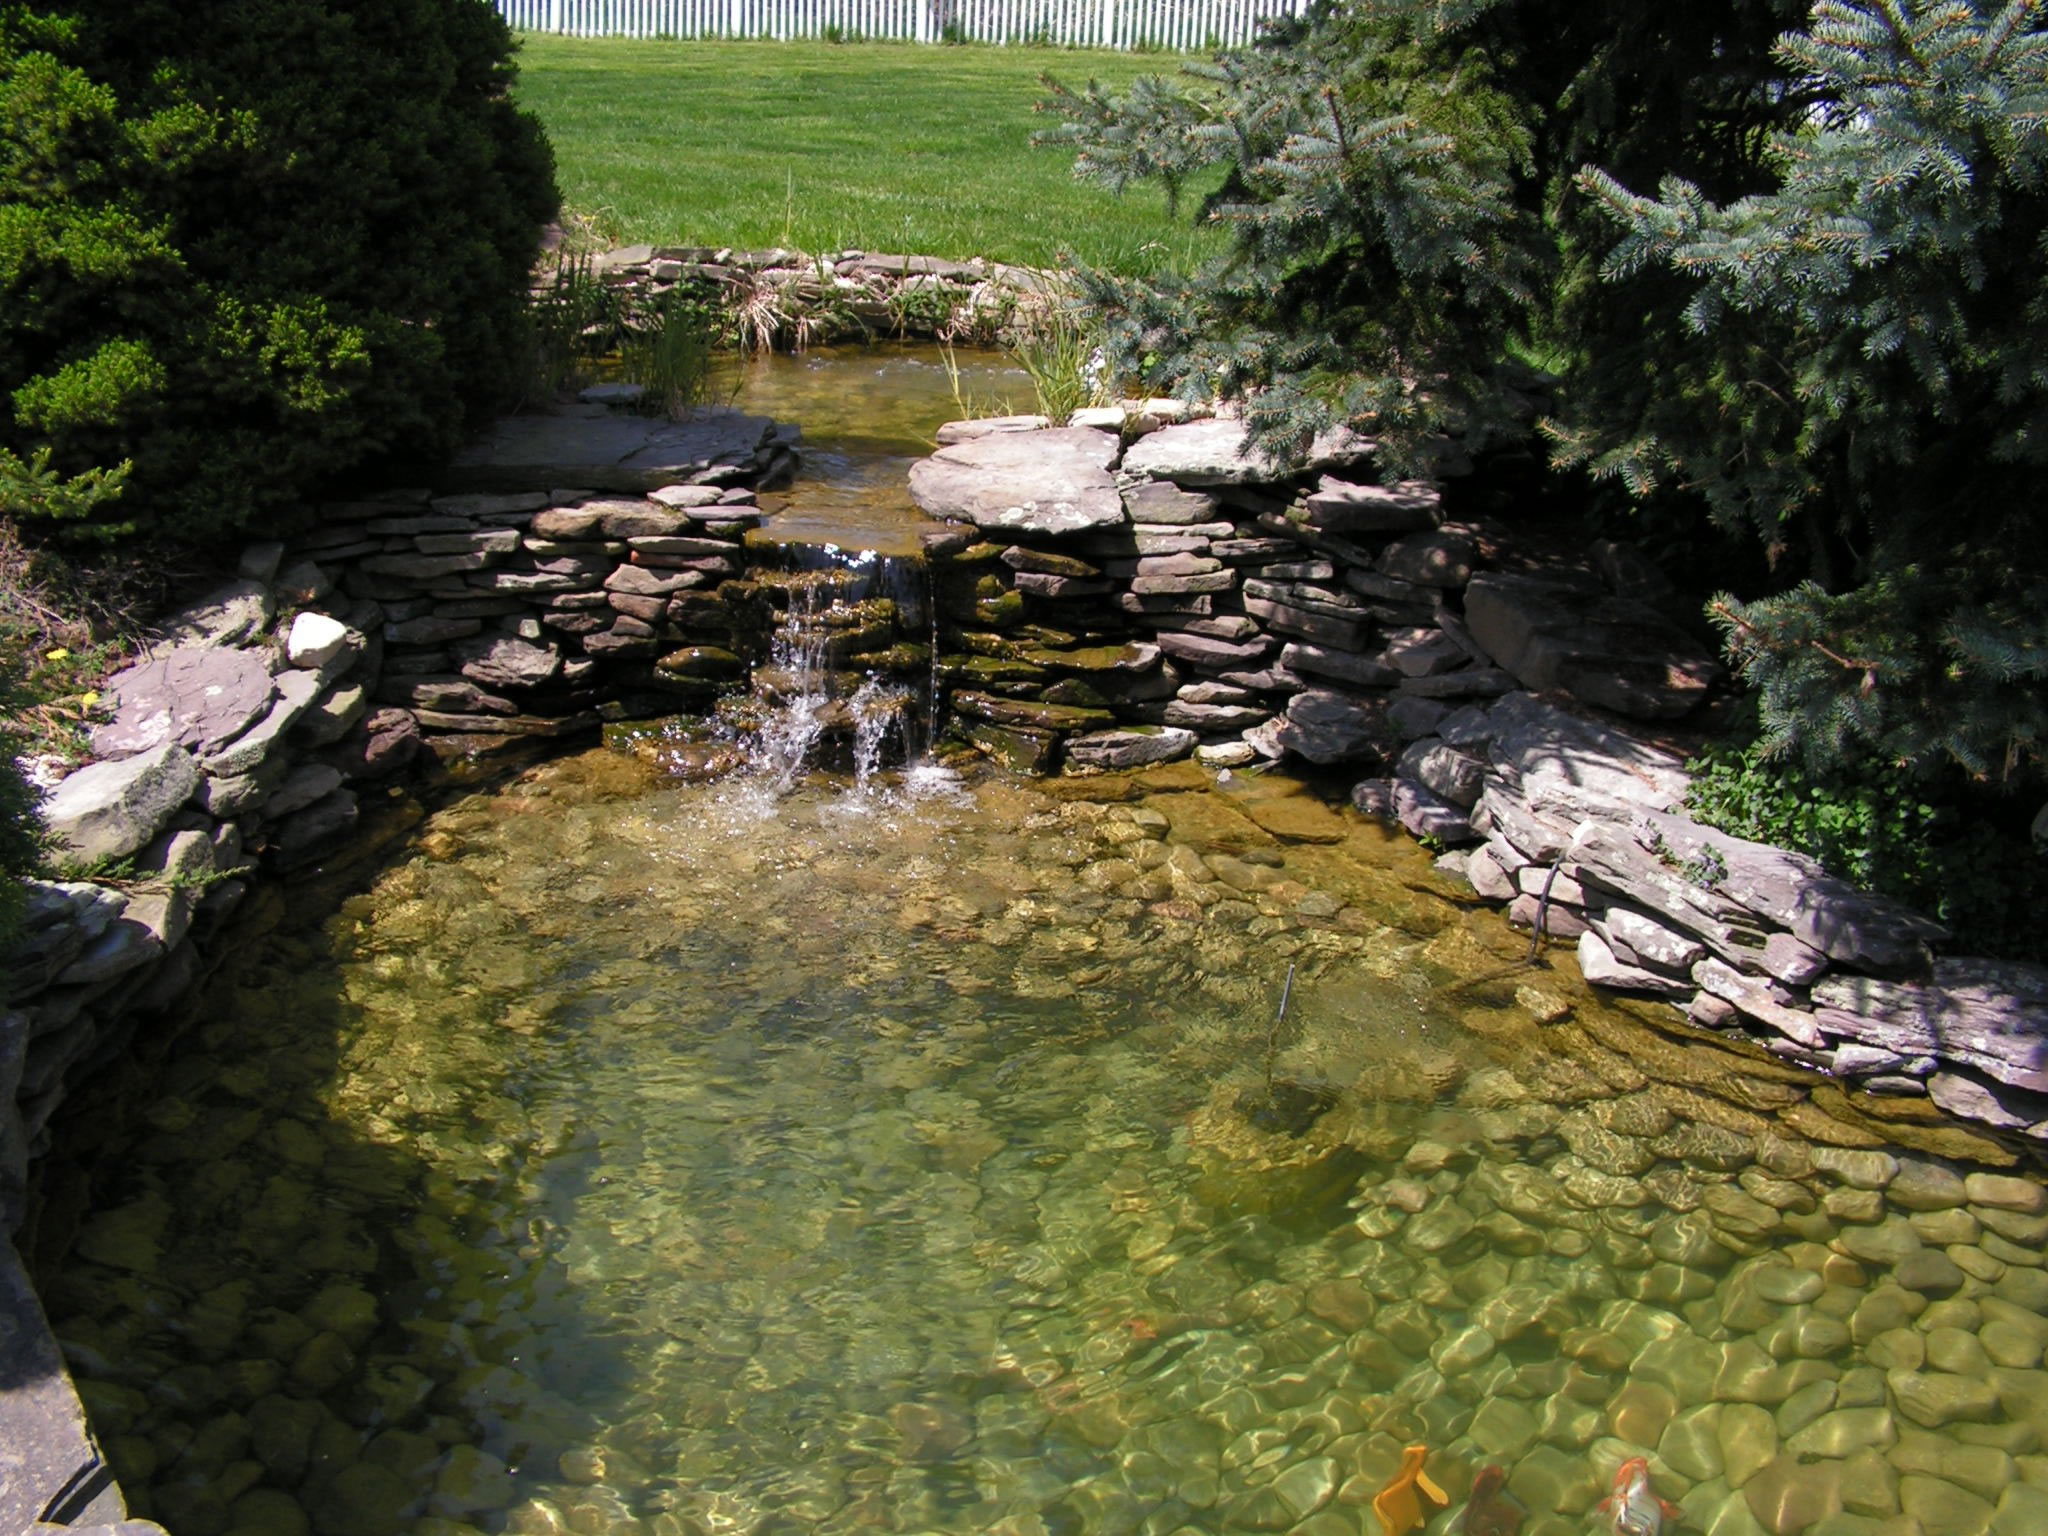 20 Koi Pond Ideas To Create A Unique Garden - I Do Myself on Koi Ponds Ideas  id=60386